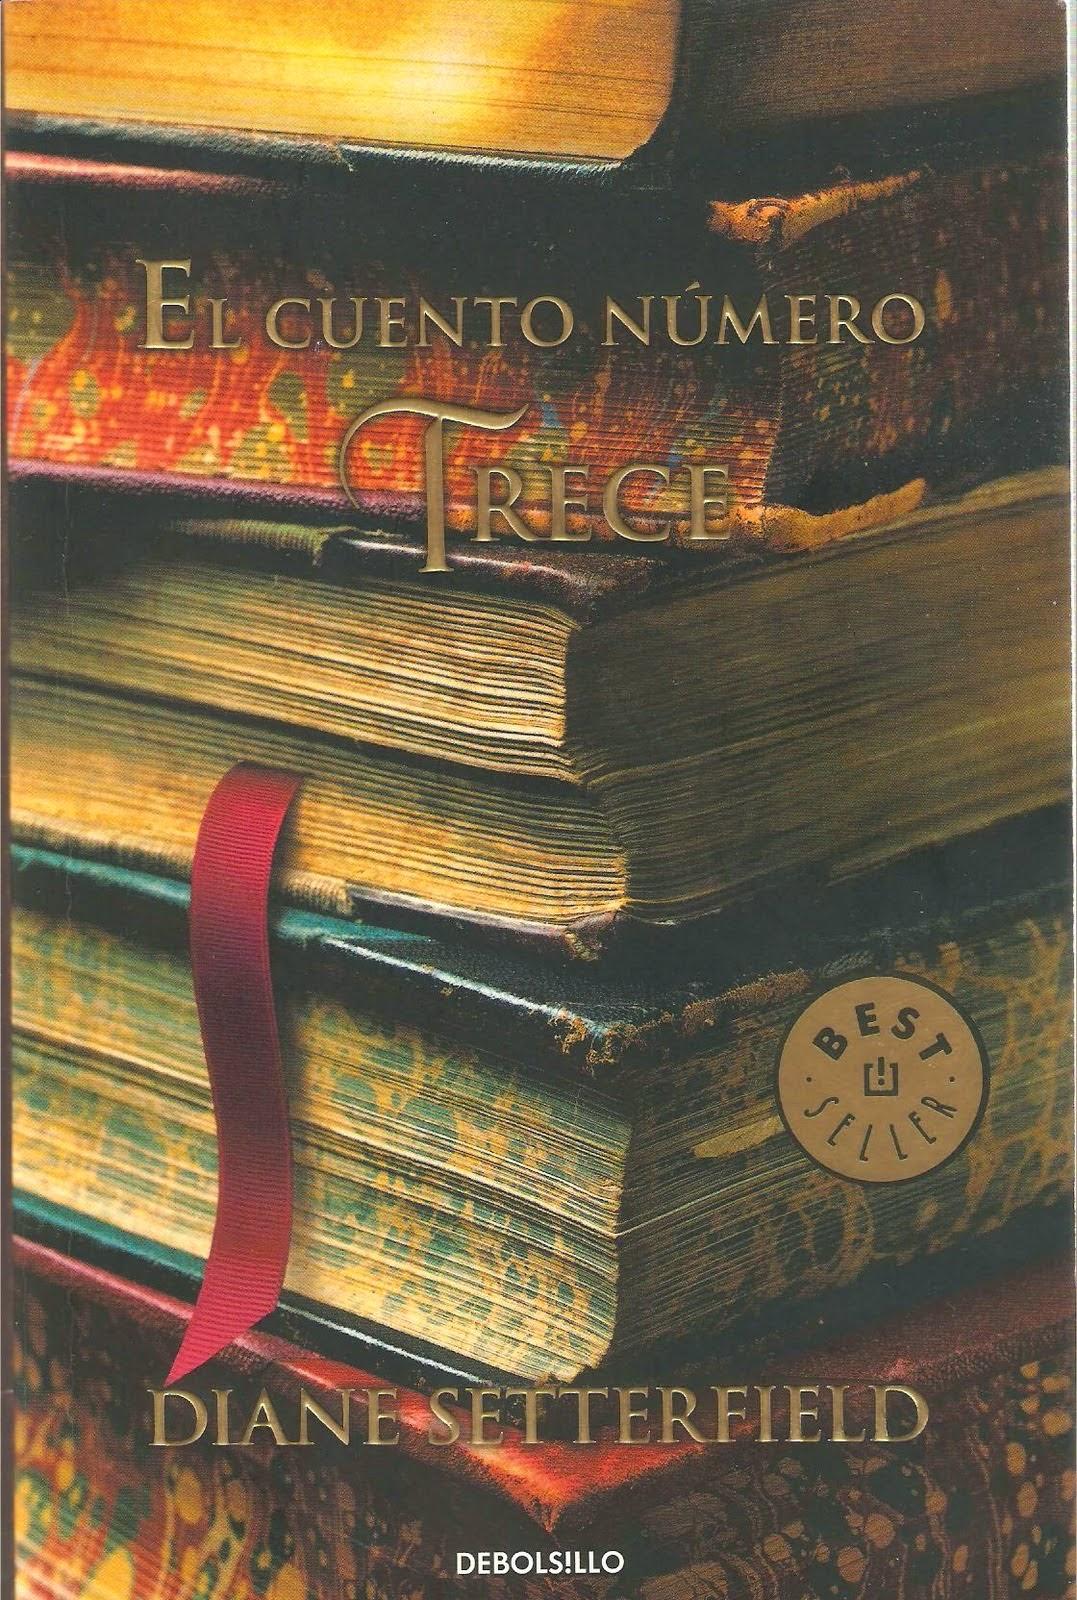 Absorbiendo libros el cuento n mero trece for El cuento numero trece